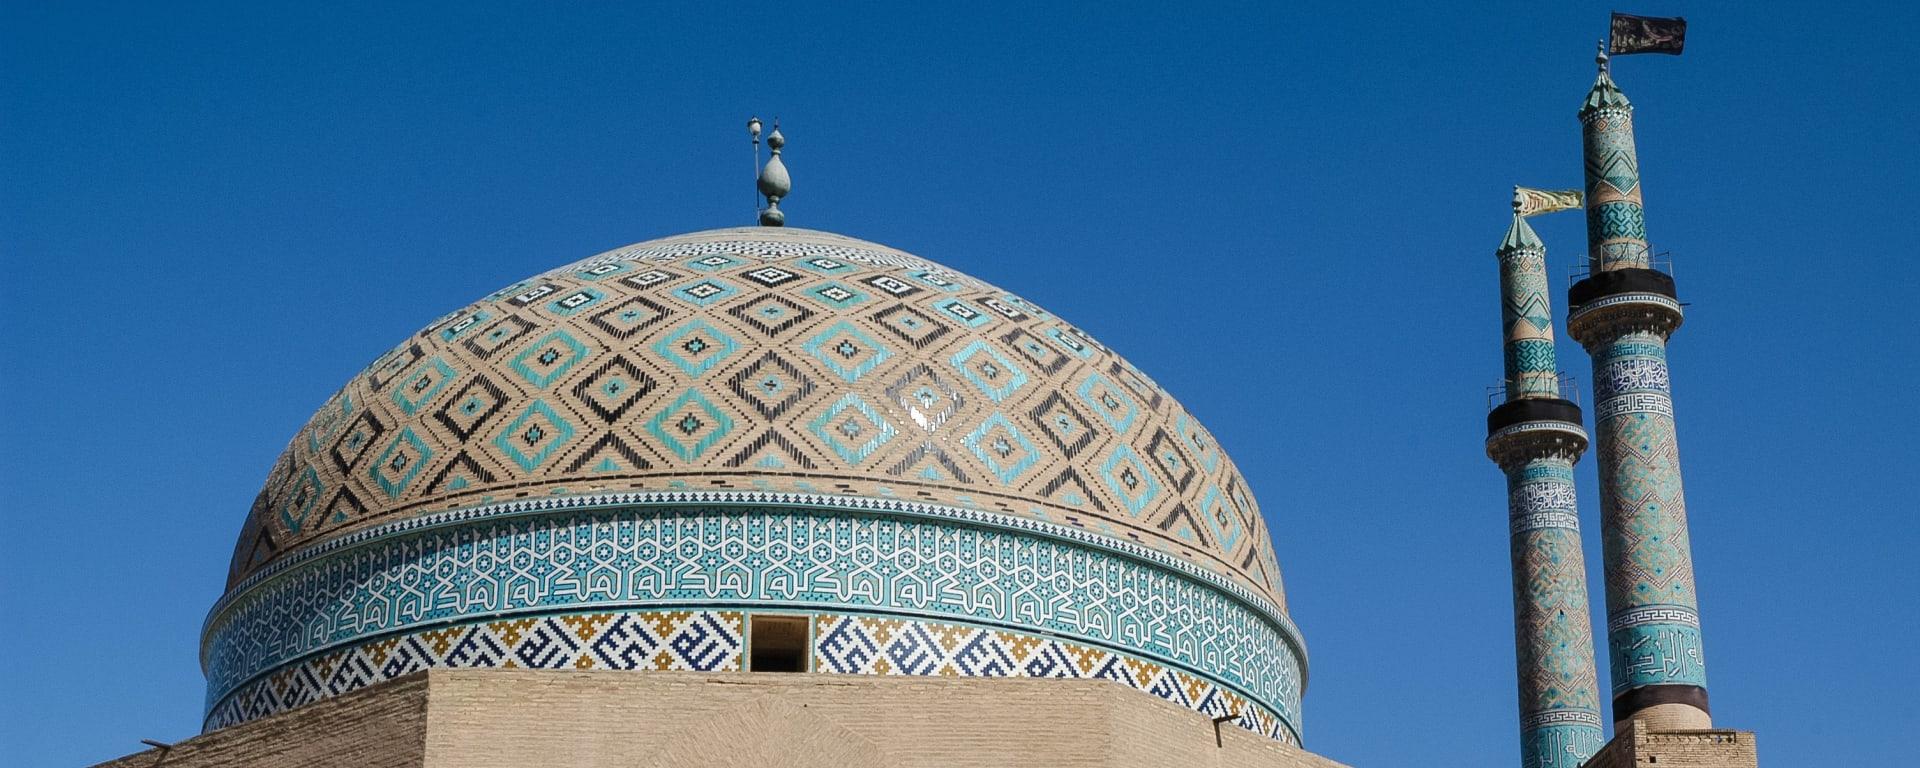 Iran entdecken mit Tischler Reisen: Iran Yazd Jame Moschee